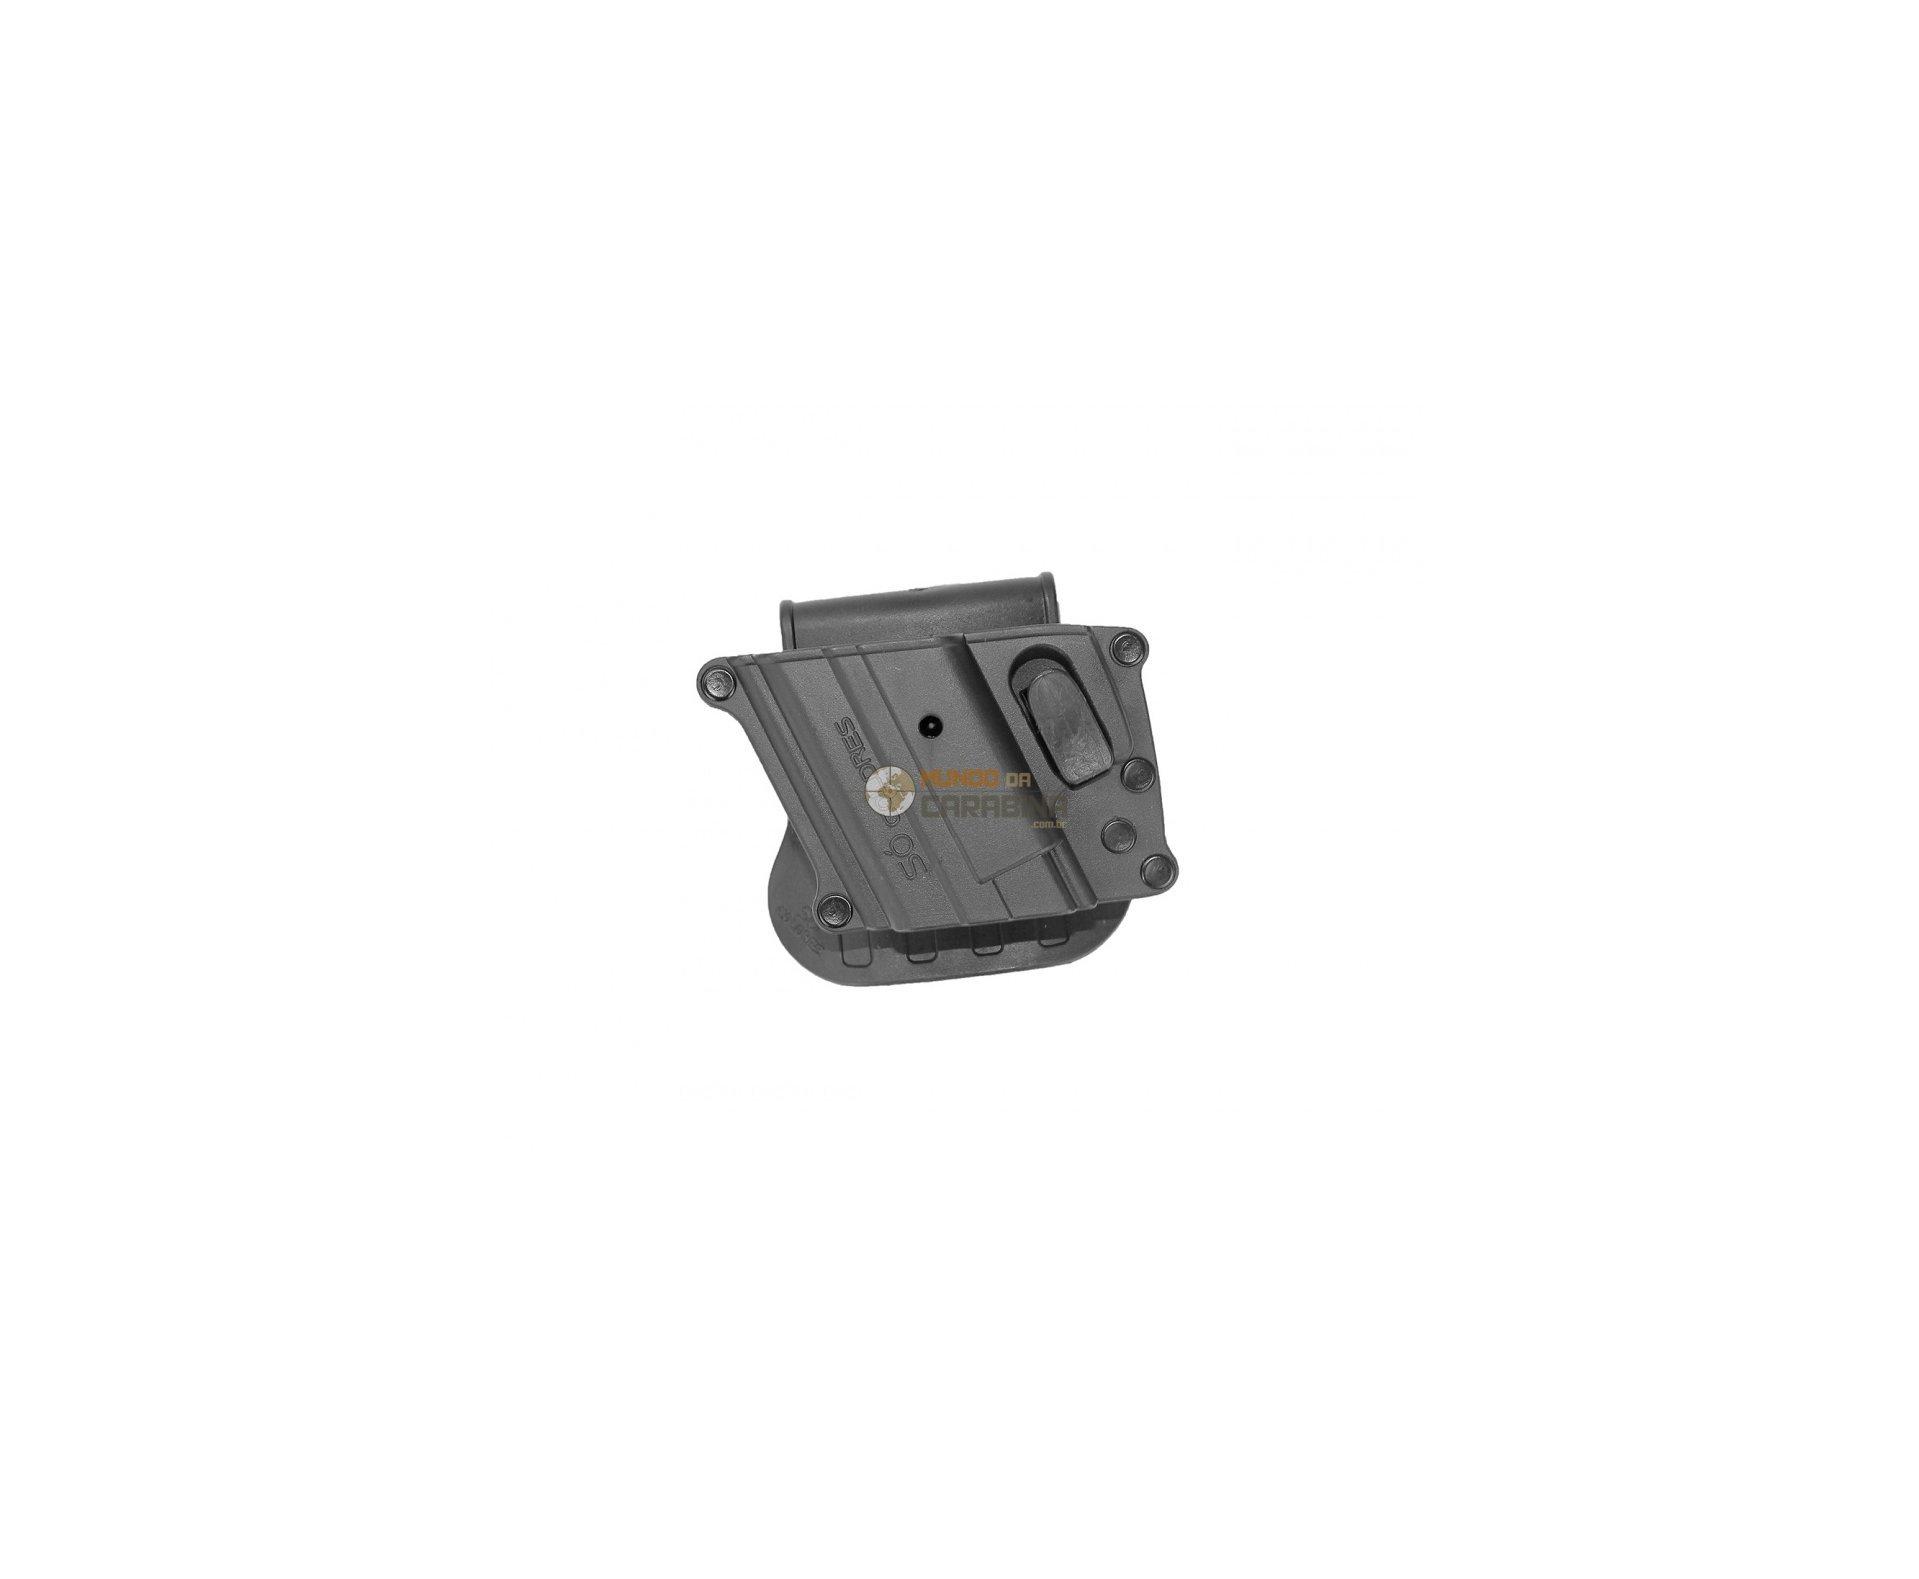 Coldre Para Pistola Universal Cintura Rotativo Com Trava - Canhoto So Coldres